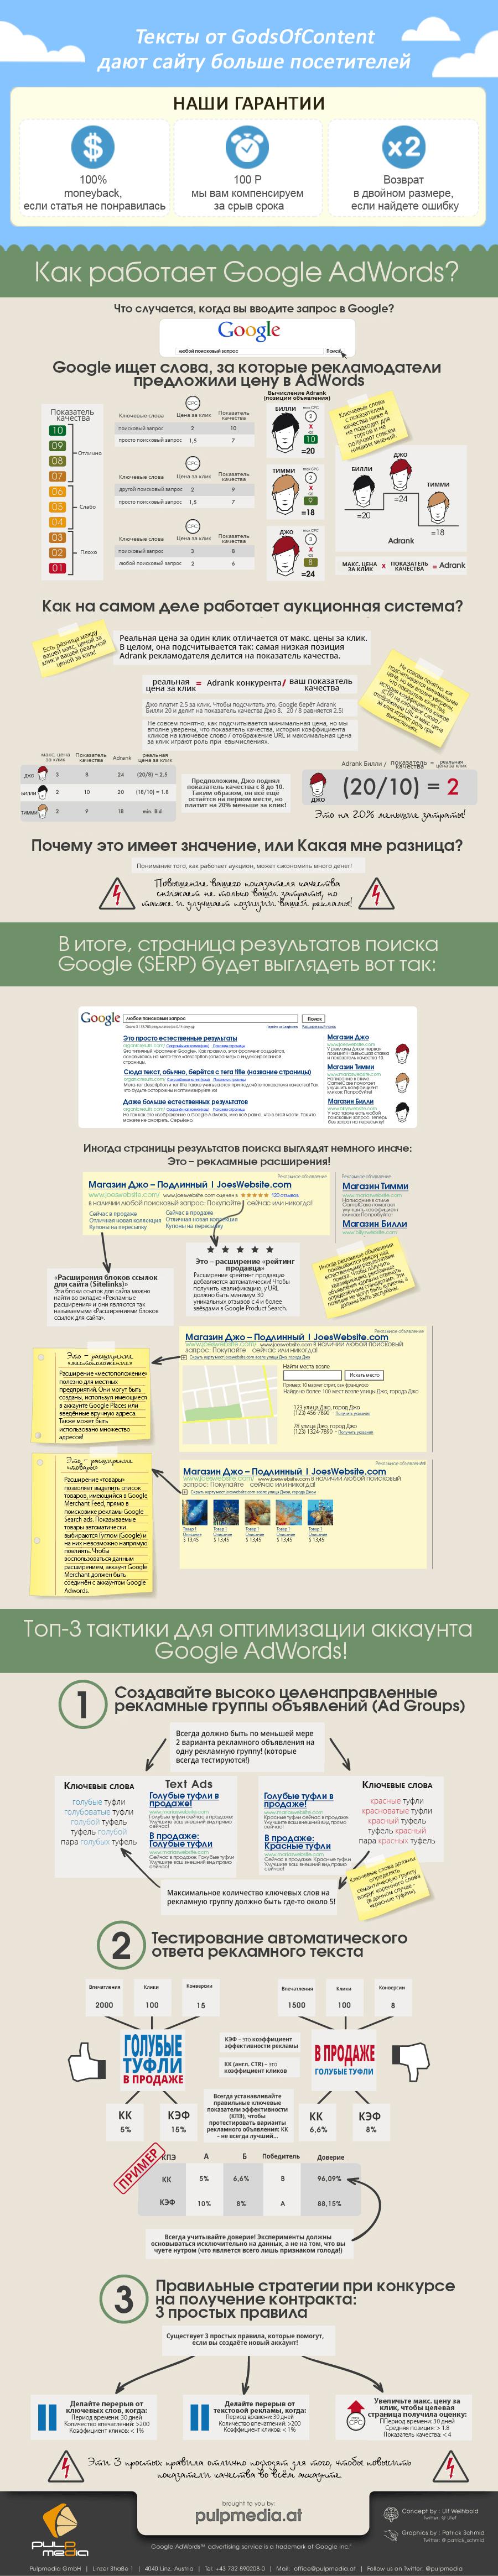 6-инфографика-howdoesgoogleadwordswork-900